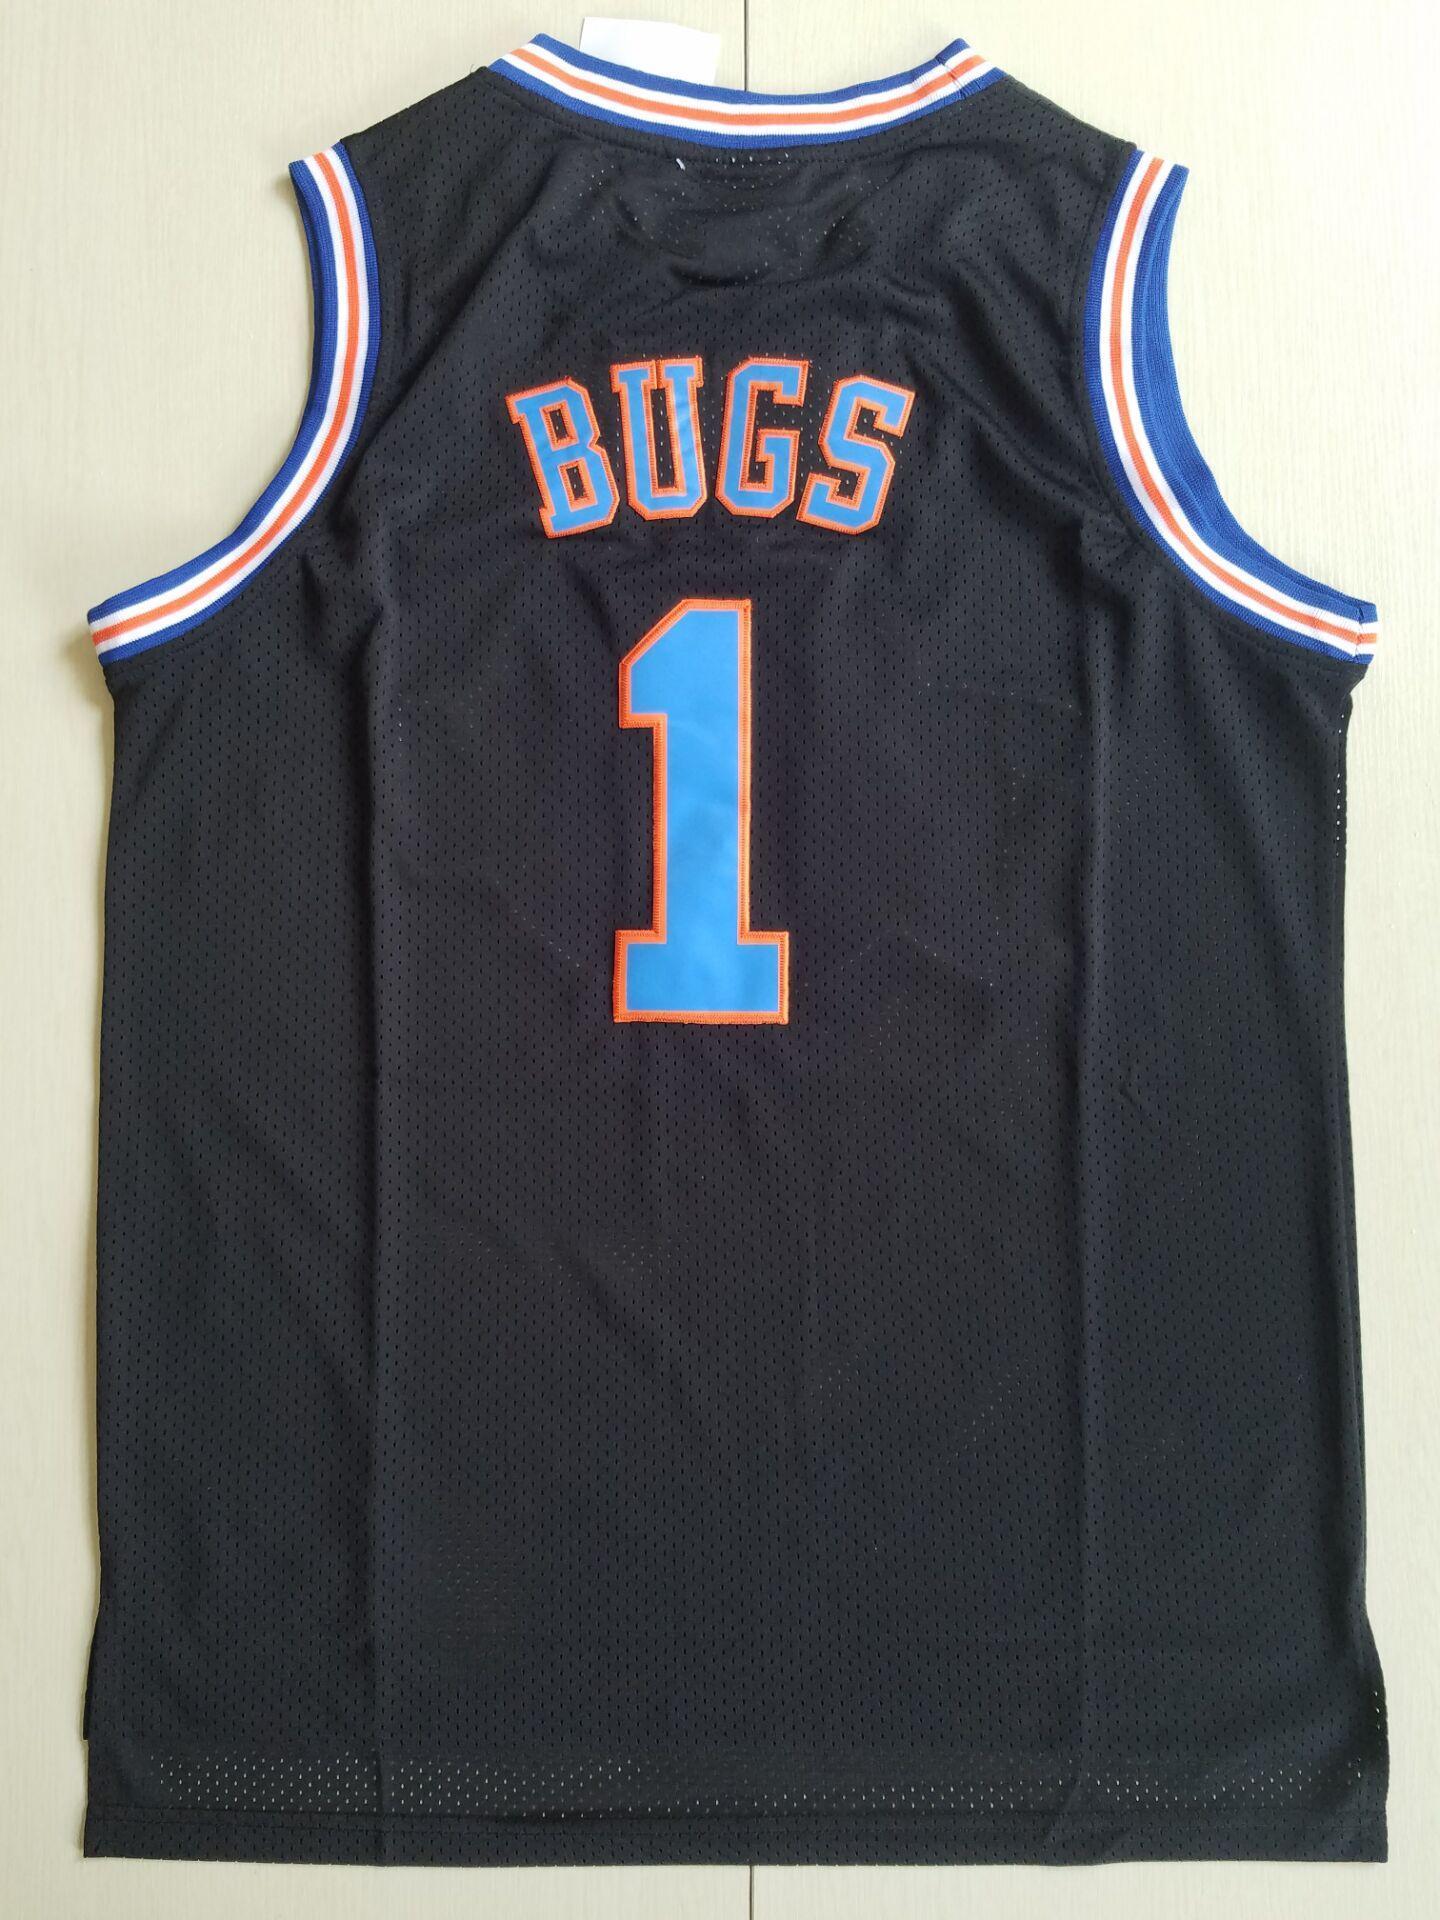 NCAA de baloncesto jersey de envío rápido de la universidad de secado rápido zxkjcjbgzxkjb Ray Allen Larry Bird Dirk Nowitzki Iverson baloncesto de Jersey de la universidad